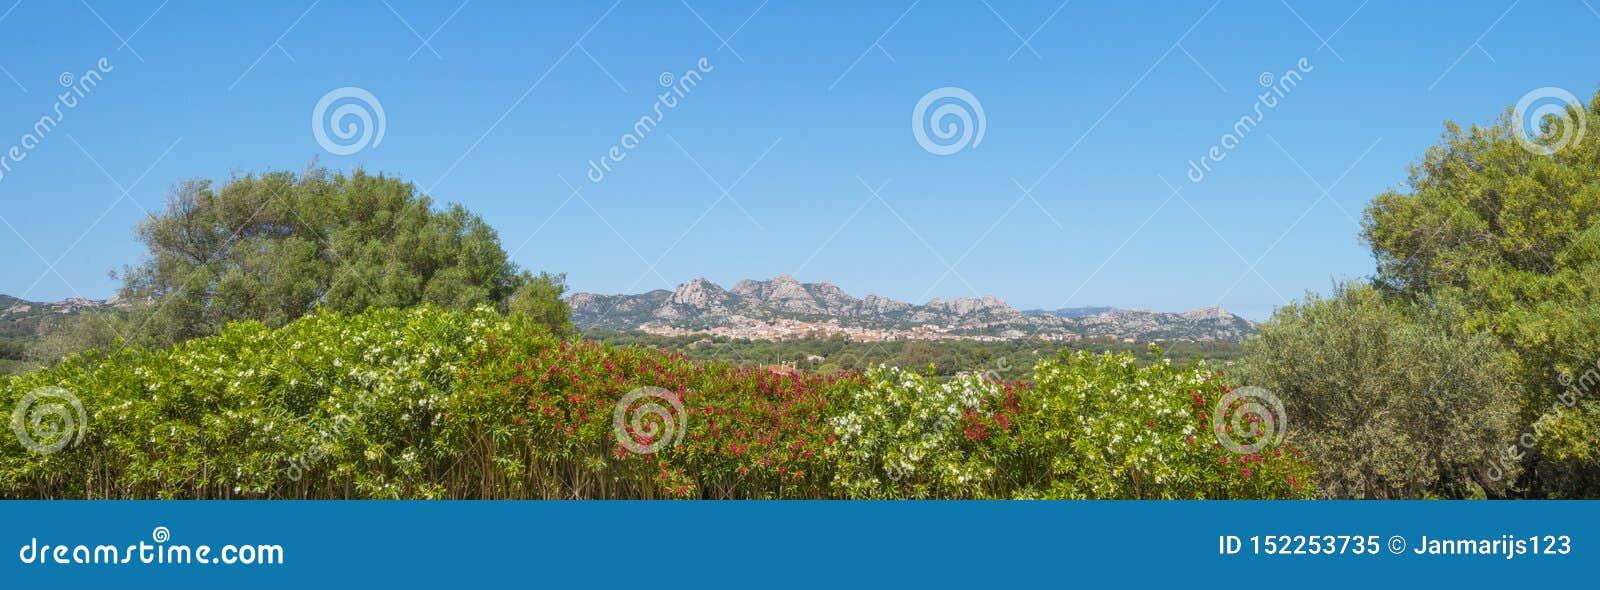 Sceniczny krajobraz zieleni wzgórza i skaliste góry wyspa Sardinia